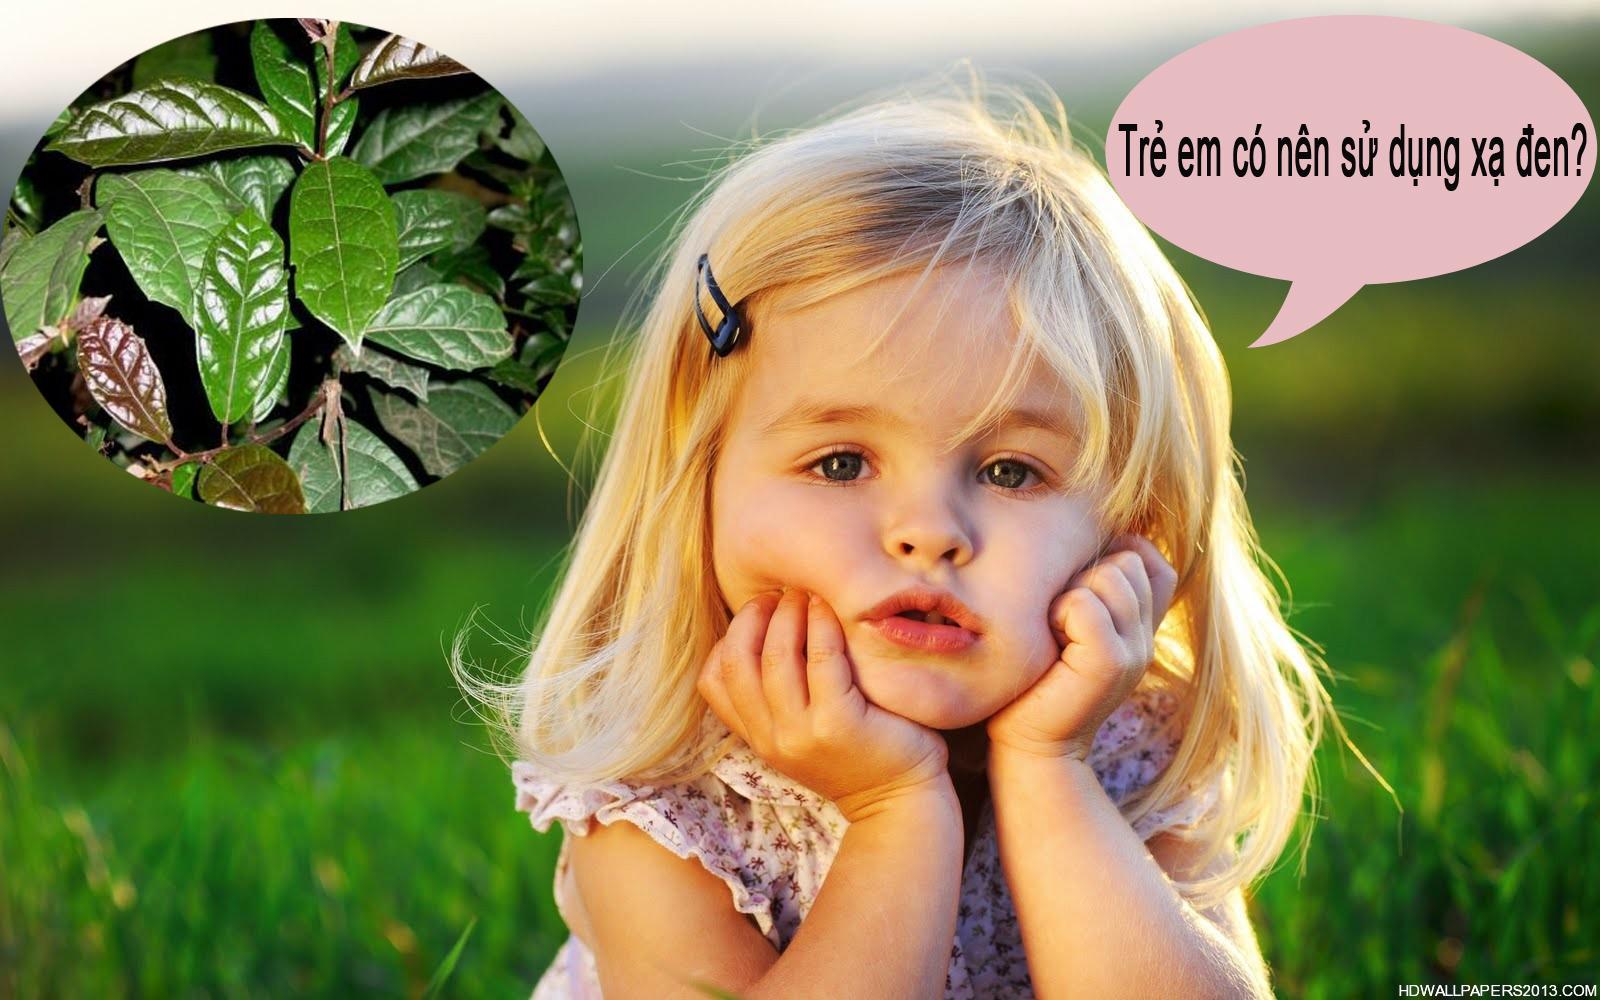 Trẻ em có nên sử dụng xạ đen hay không?